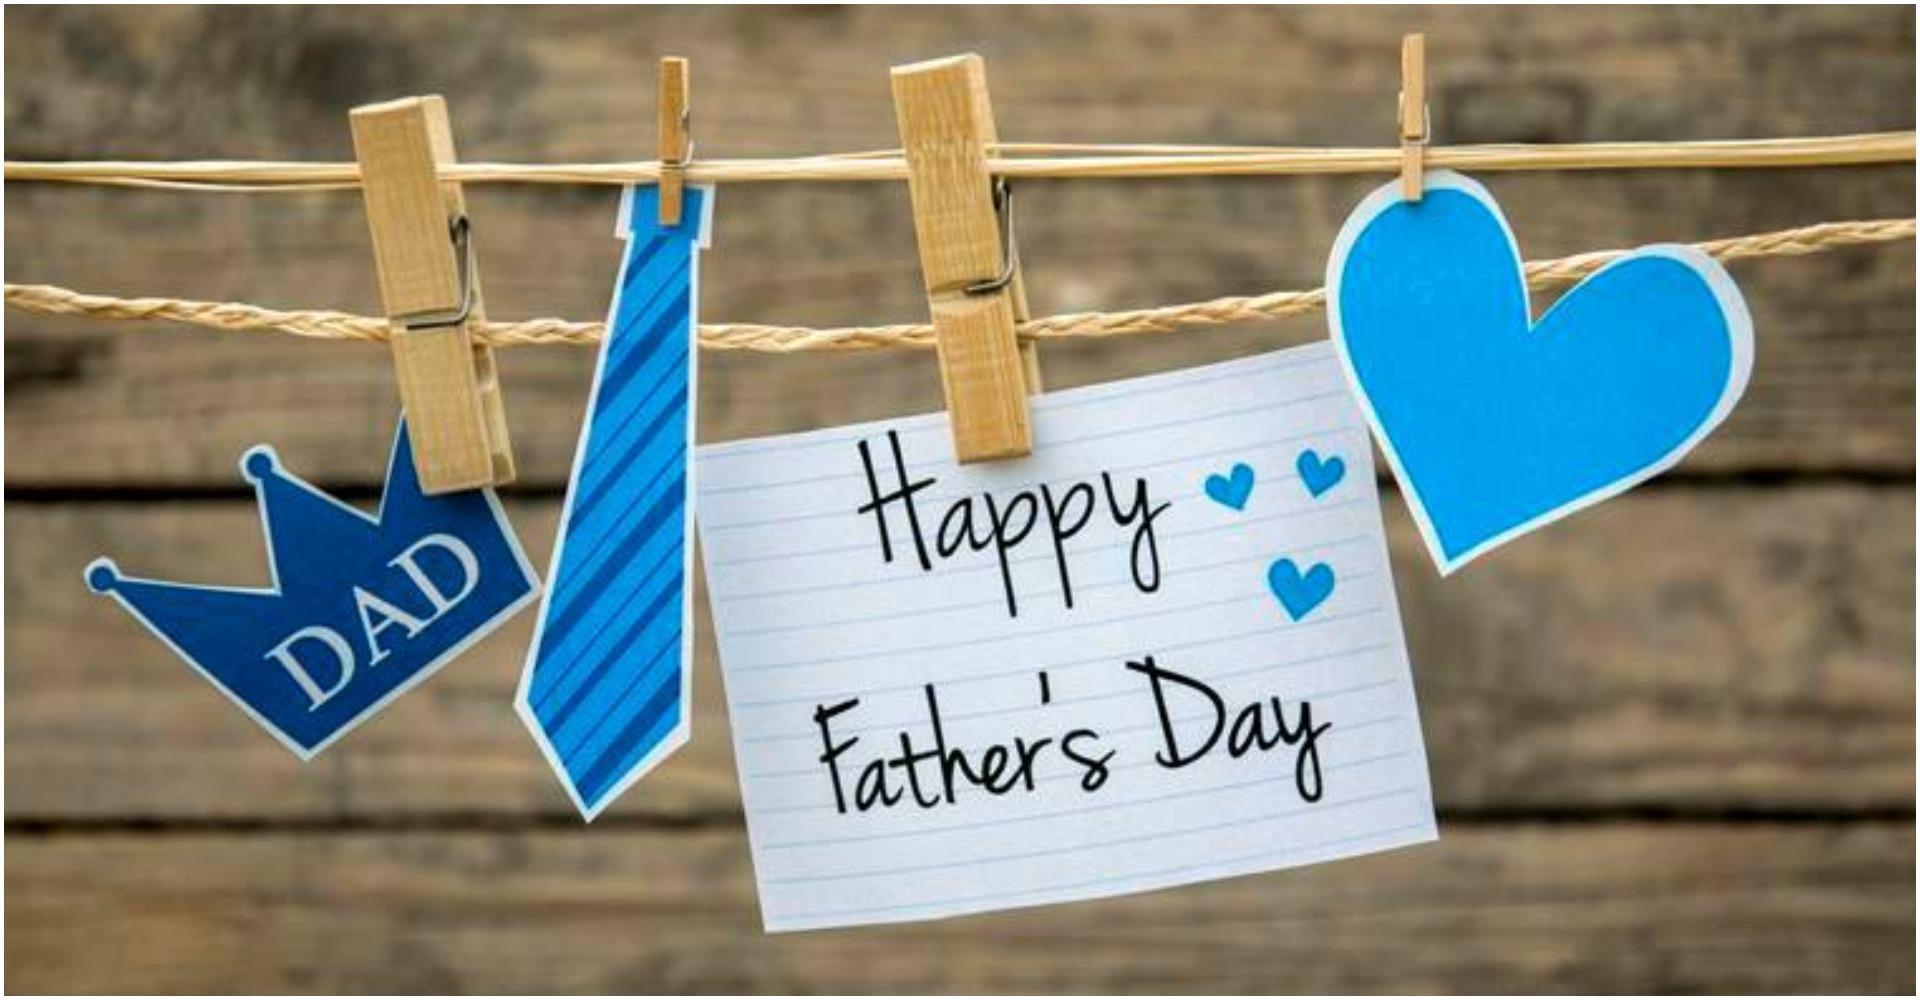 Happy Father Day 2020 Wishes and Quotes: इन स्पेशल मैसेज से दें अपने पिताजी को 'फादर्स डे' की बधाई